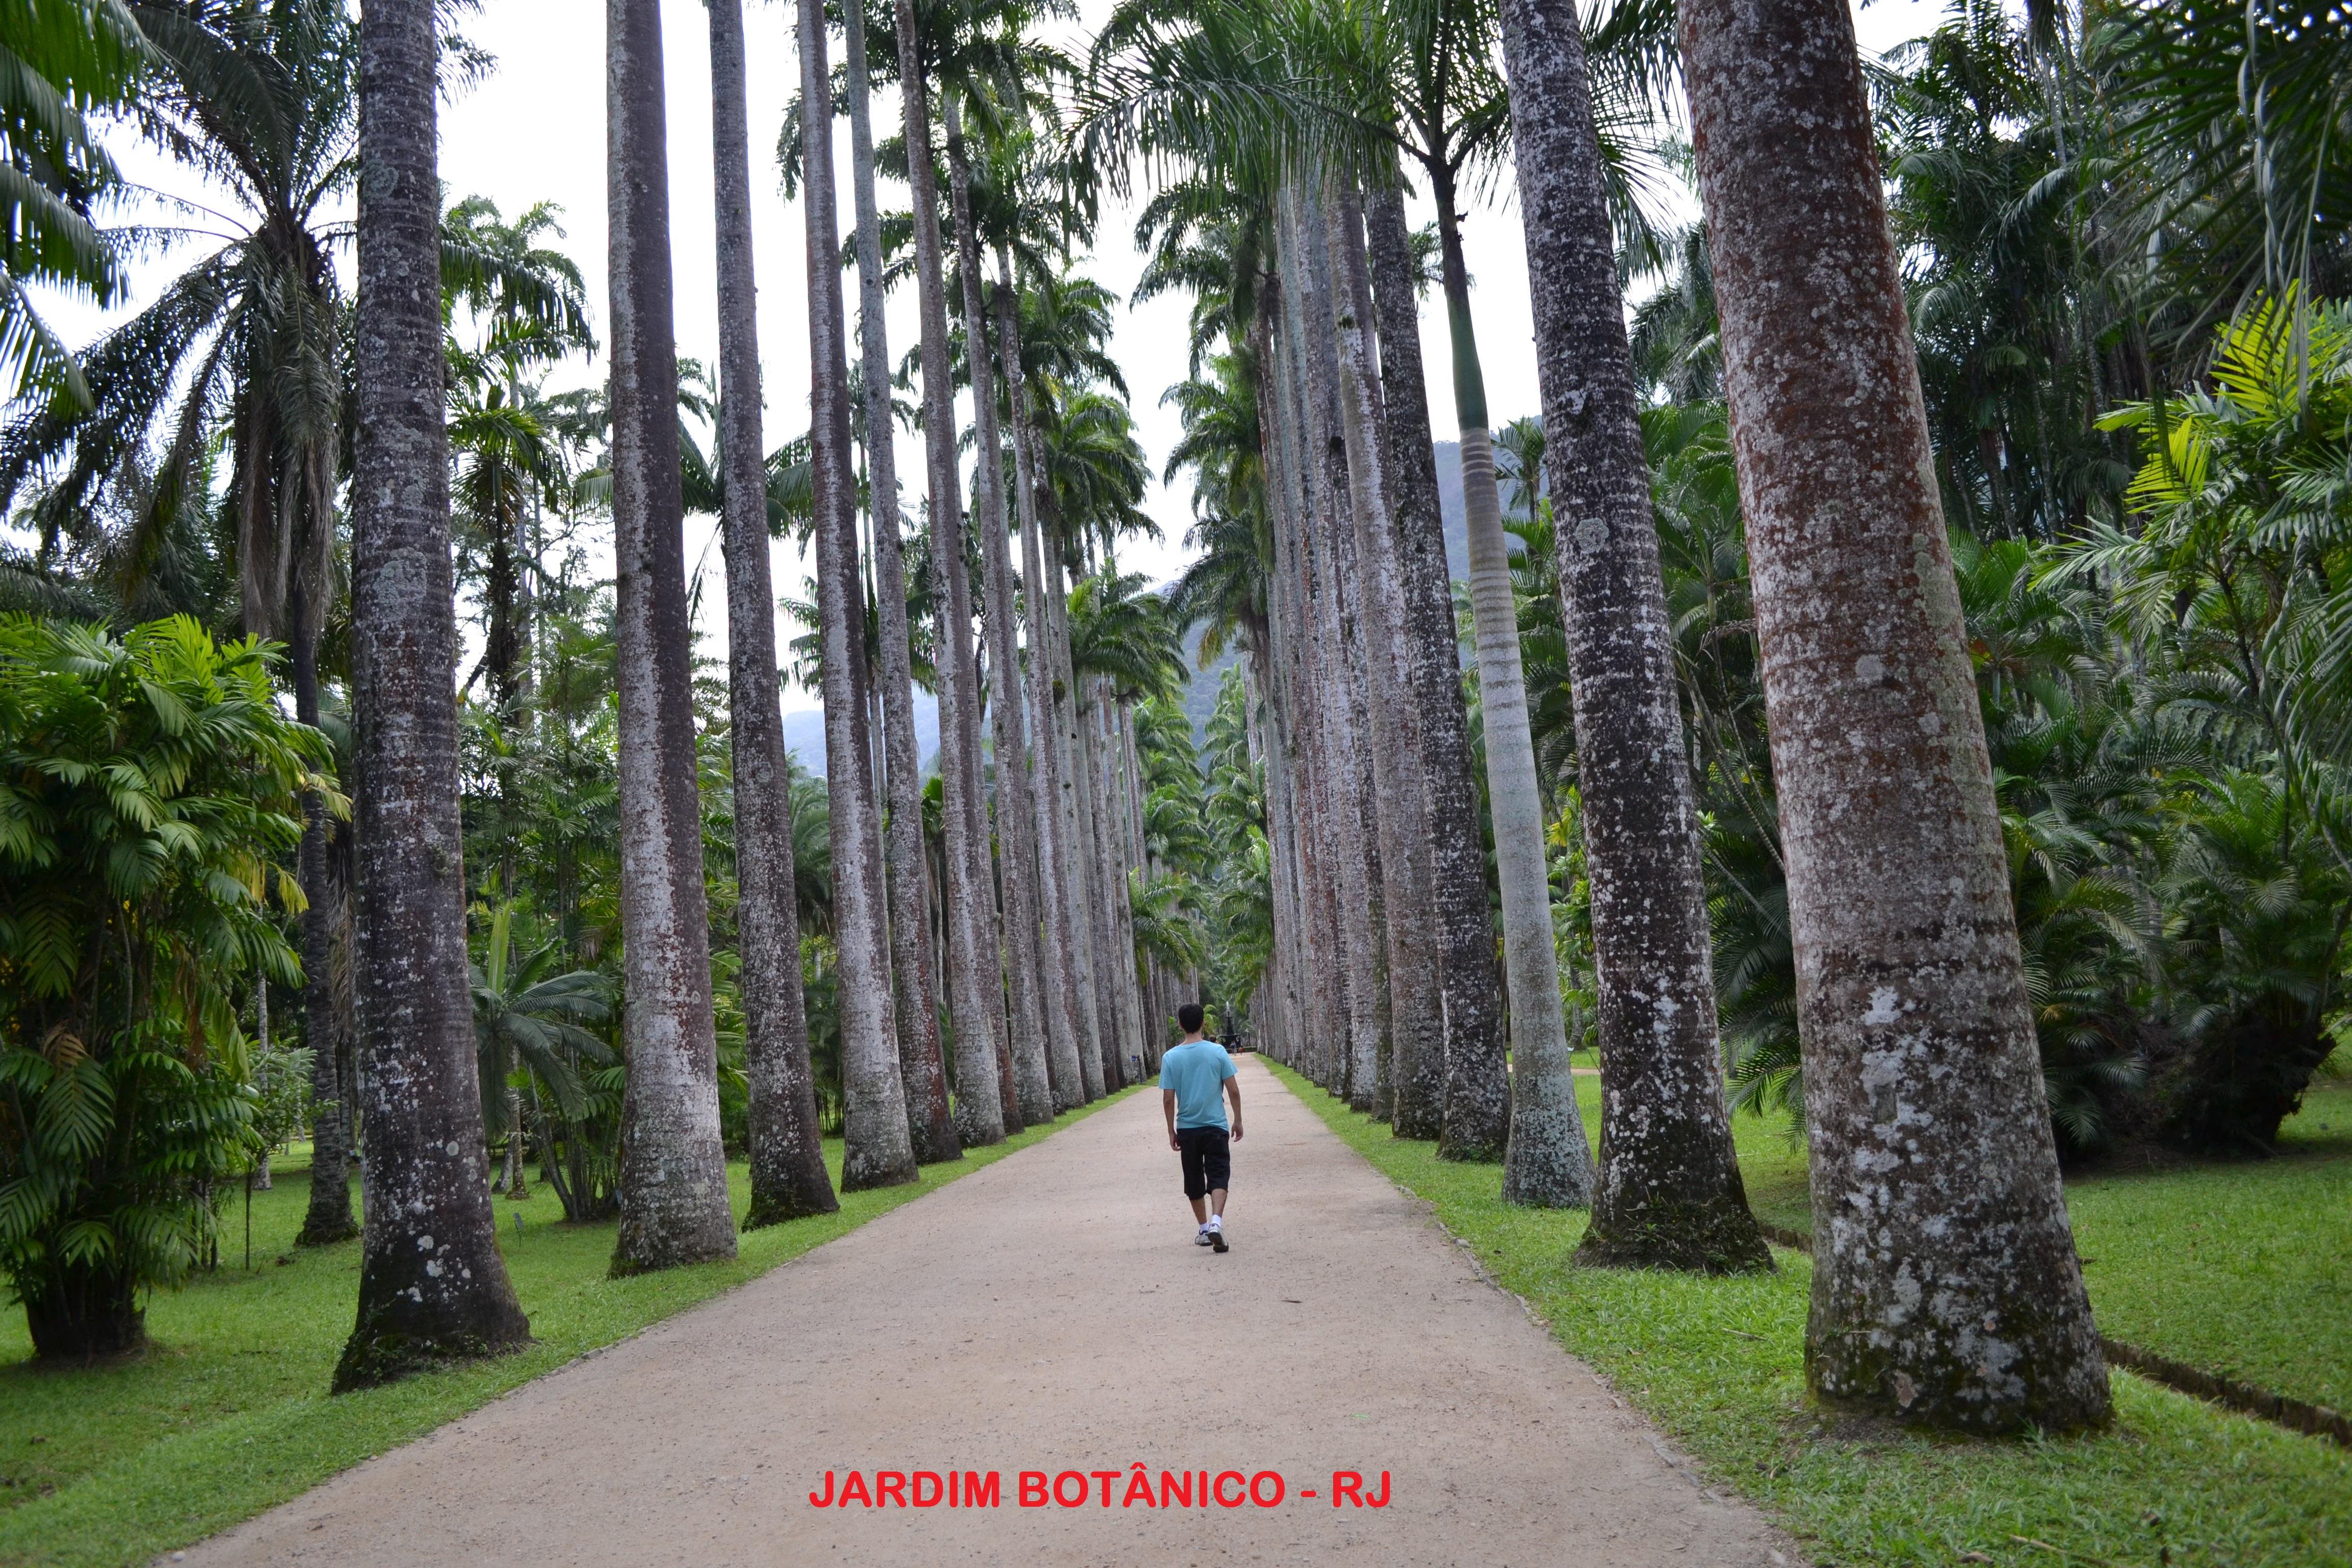 Jardim Botânico de Rio de Janeiro  COM PÉ NA ESTRADA